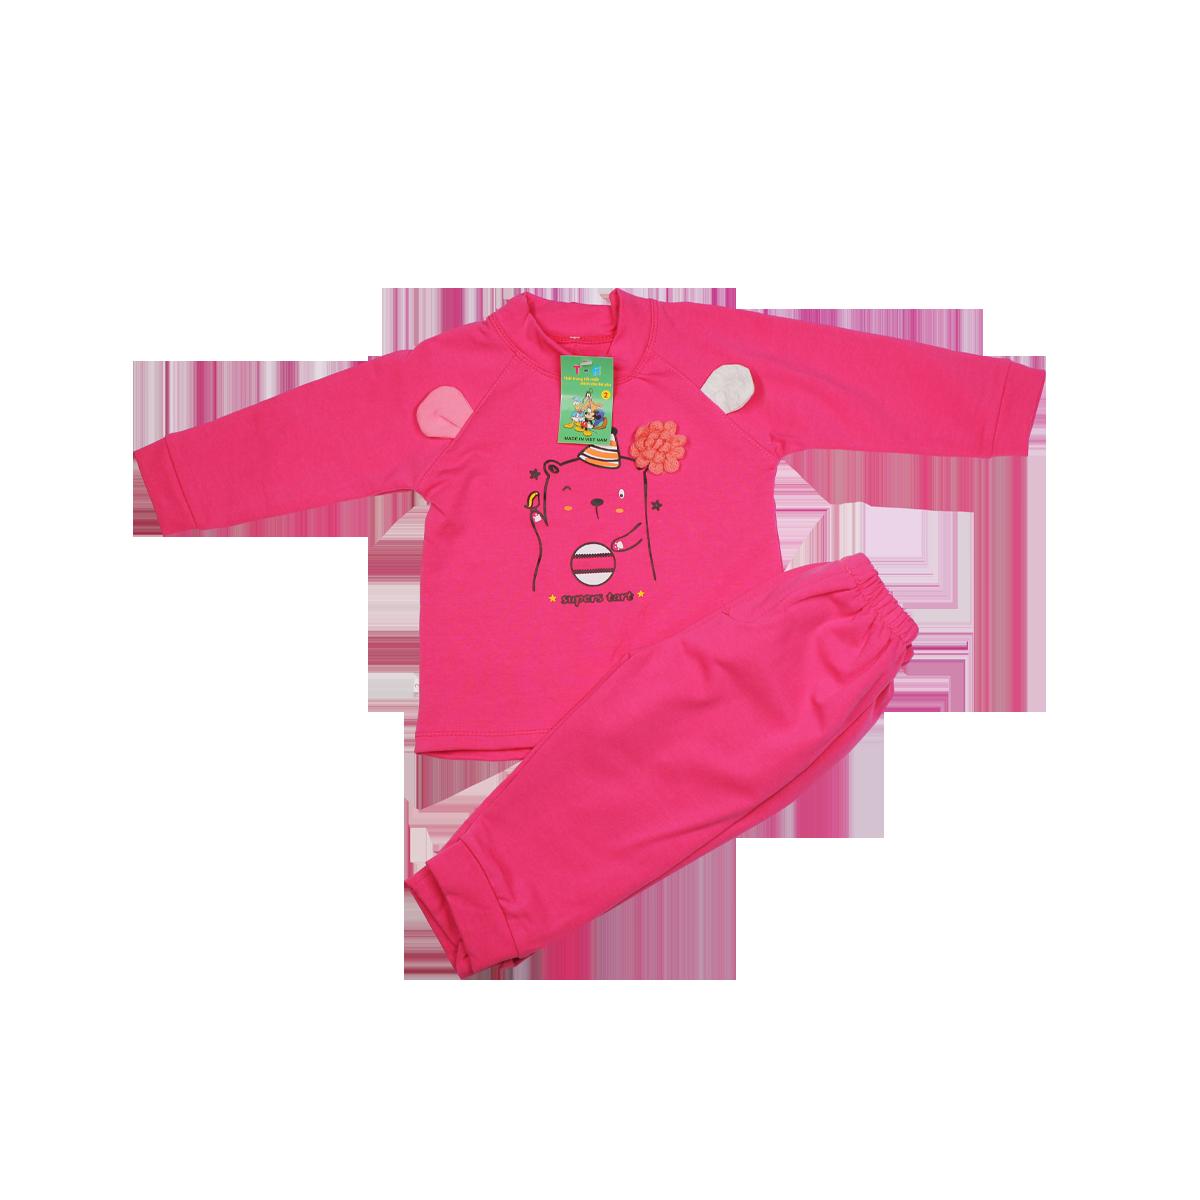 Bộ quần áo TA in hình gấu (6-24M)